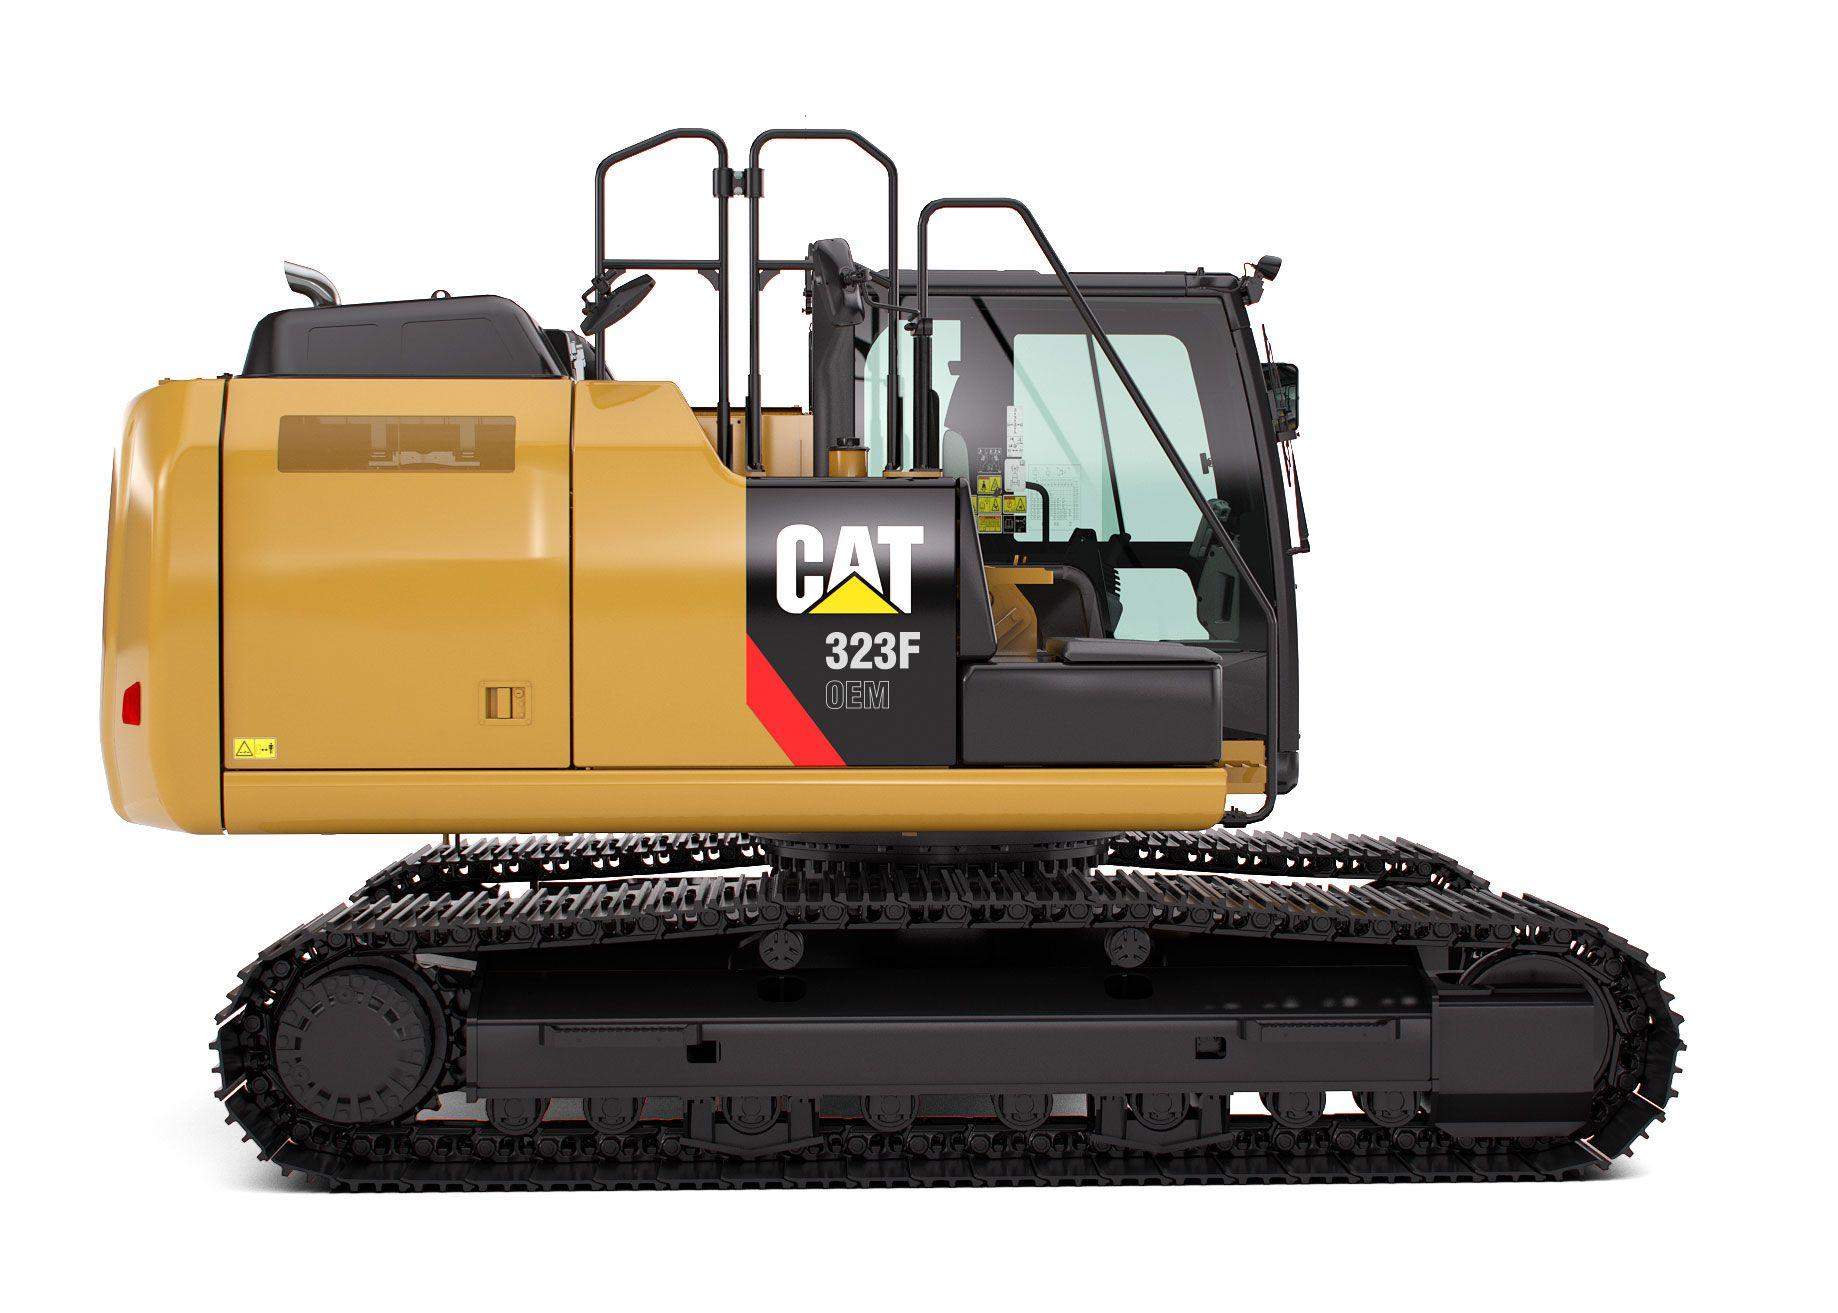 Frontless Hydraulic Excavators